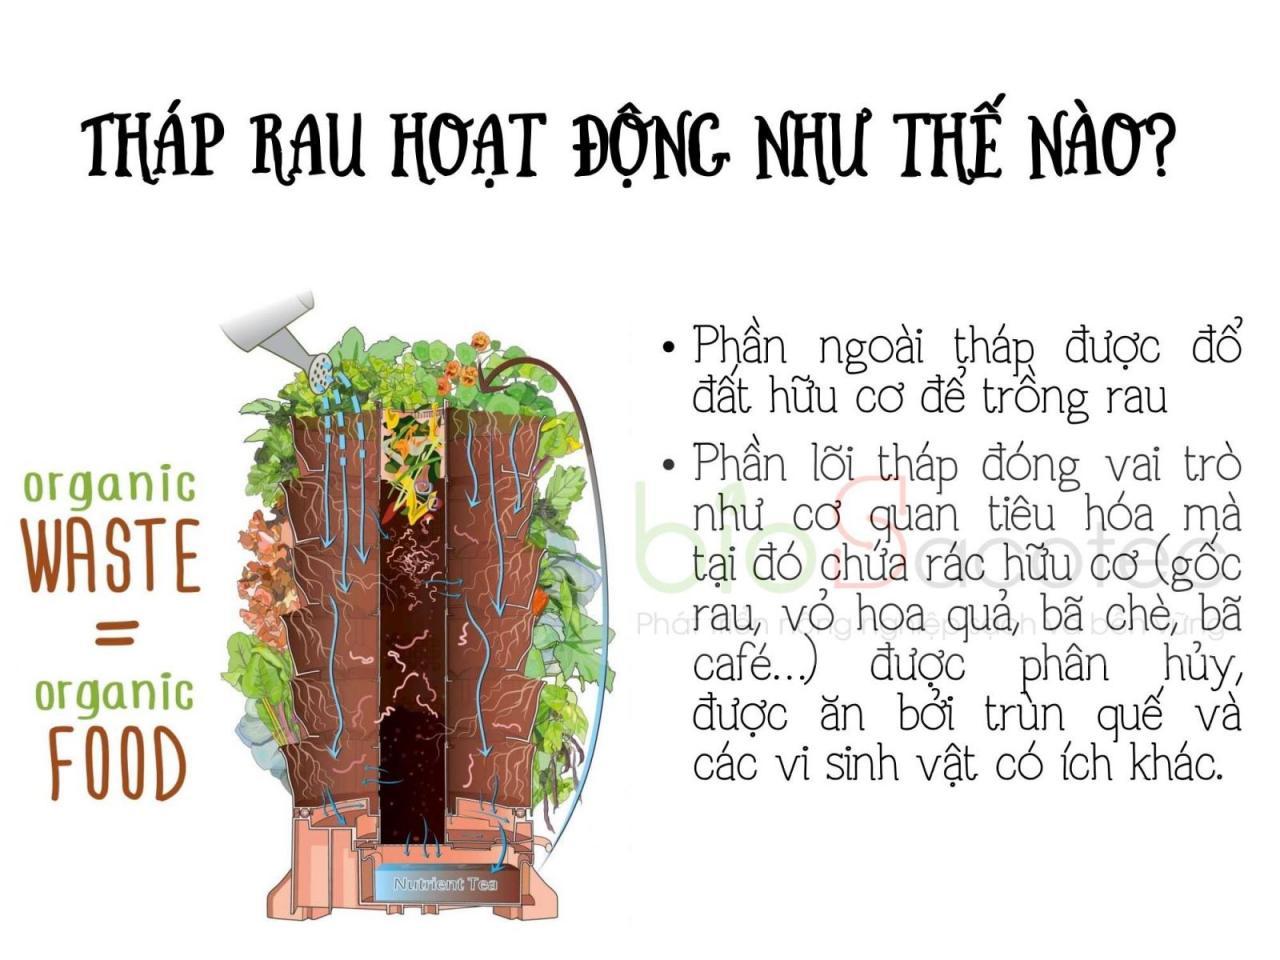 Tháp trồng rau hoạt động như thế nào